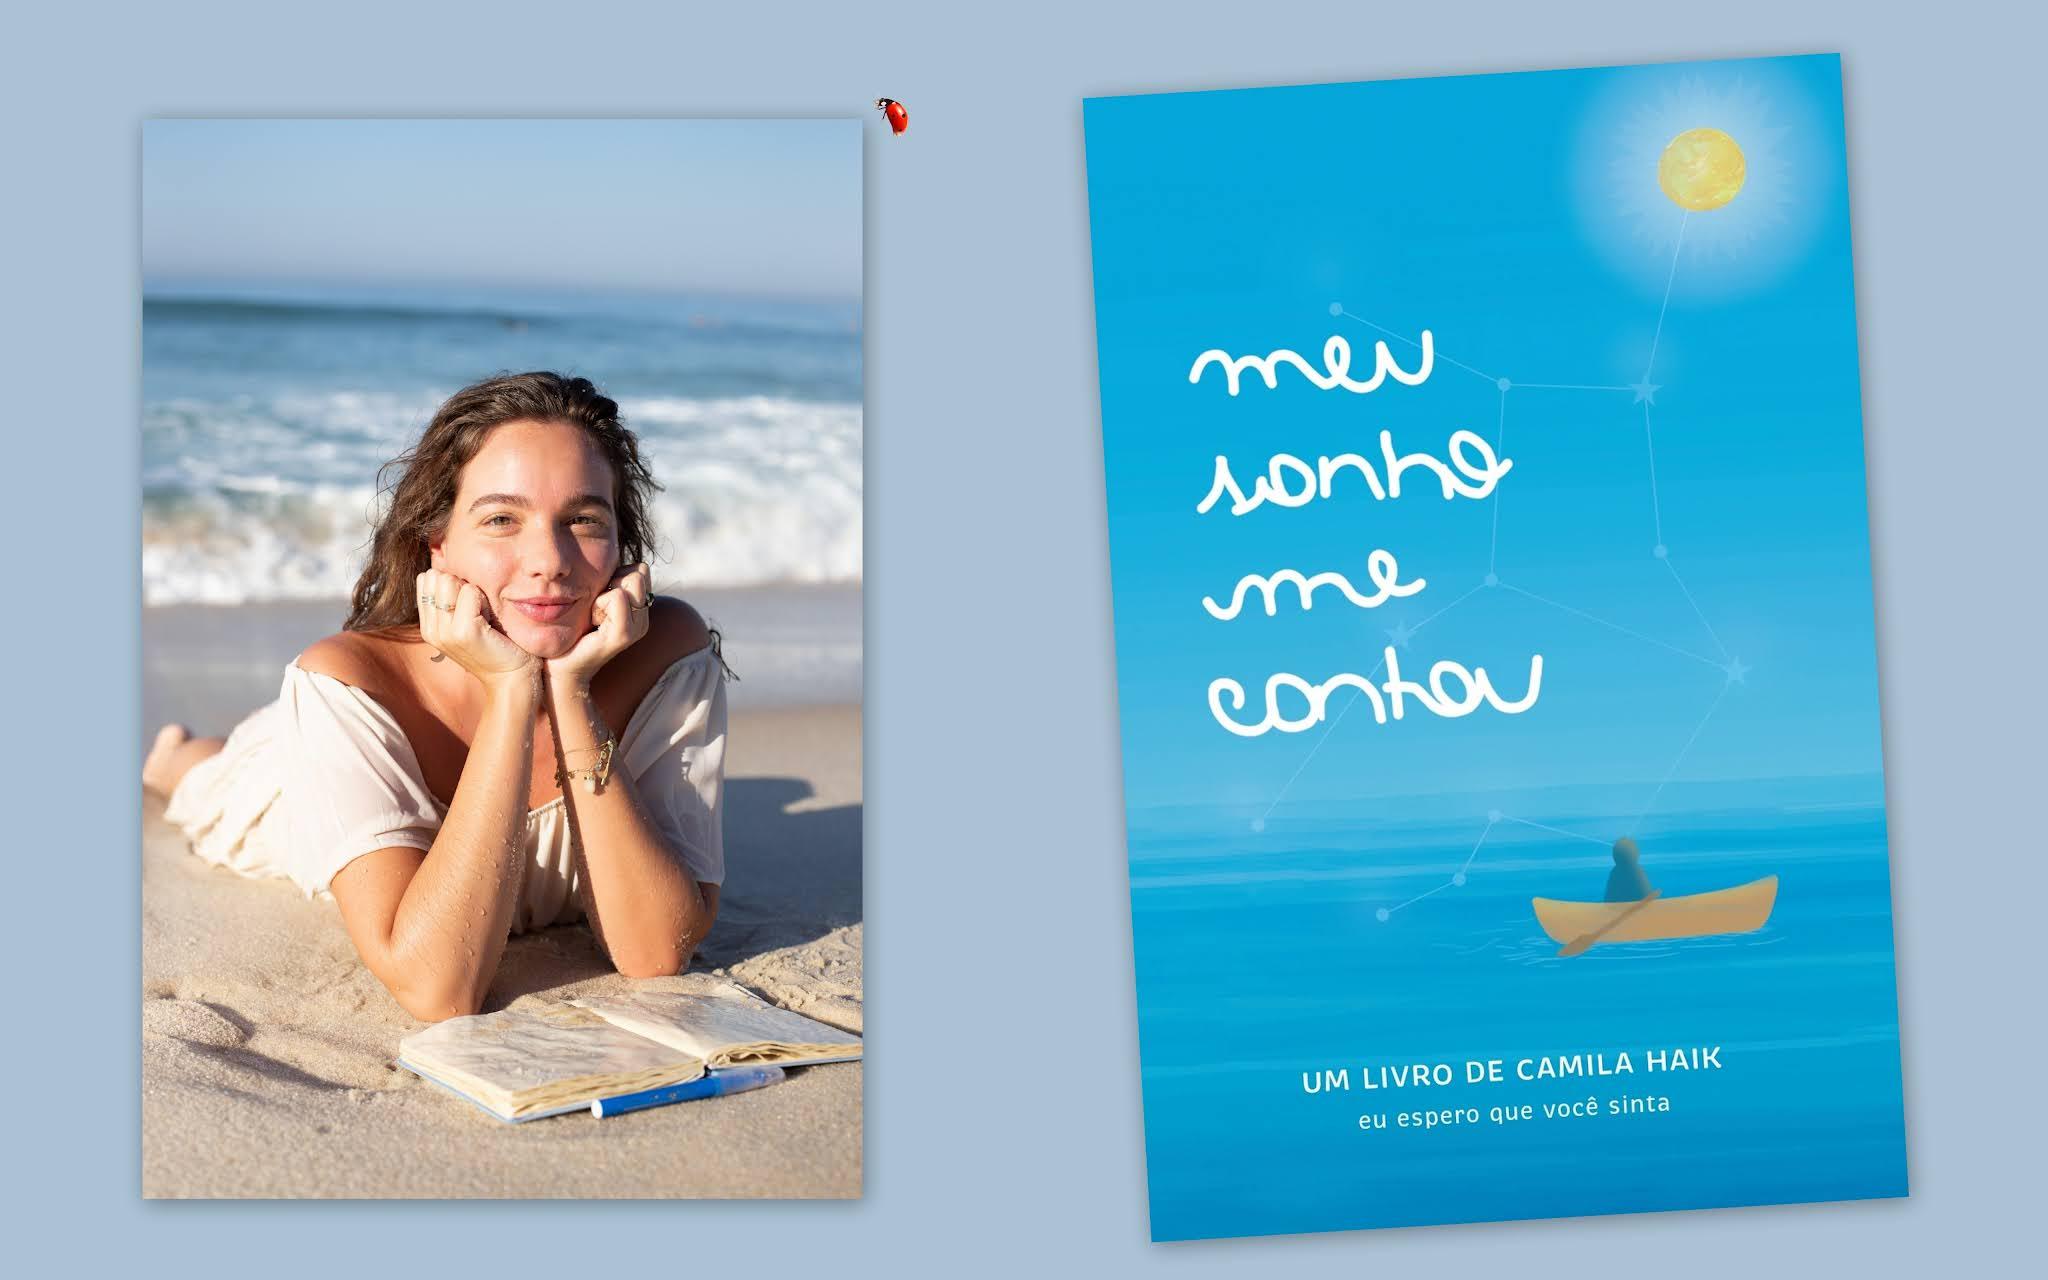 """Em """"meu sonho me contou"""", autora e protagonista Camila Haik insere leitor na narrativa e o leva a refletir sobre o quanto cada um pode e deve se colocar em primeiro lugar no amor e na vid"""